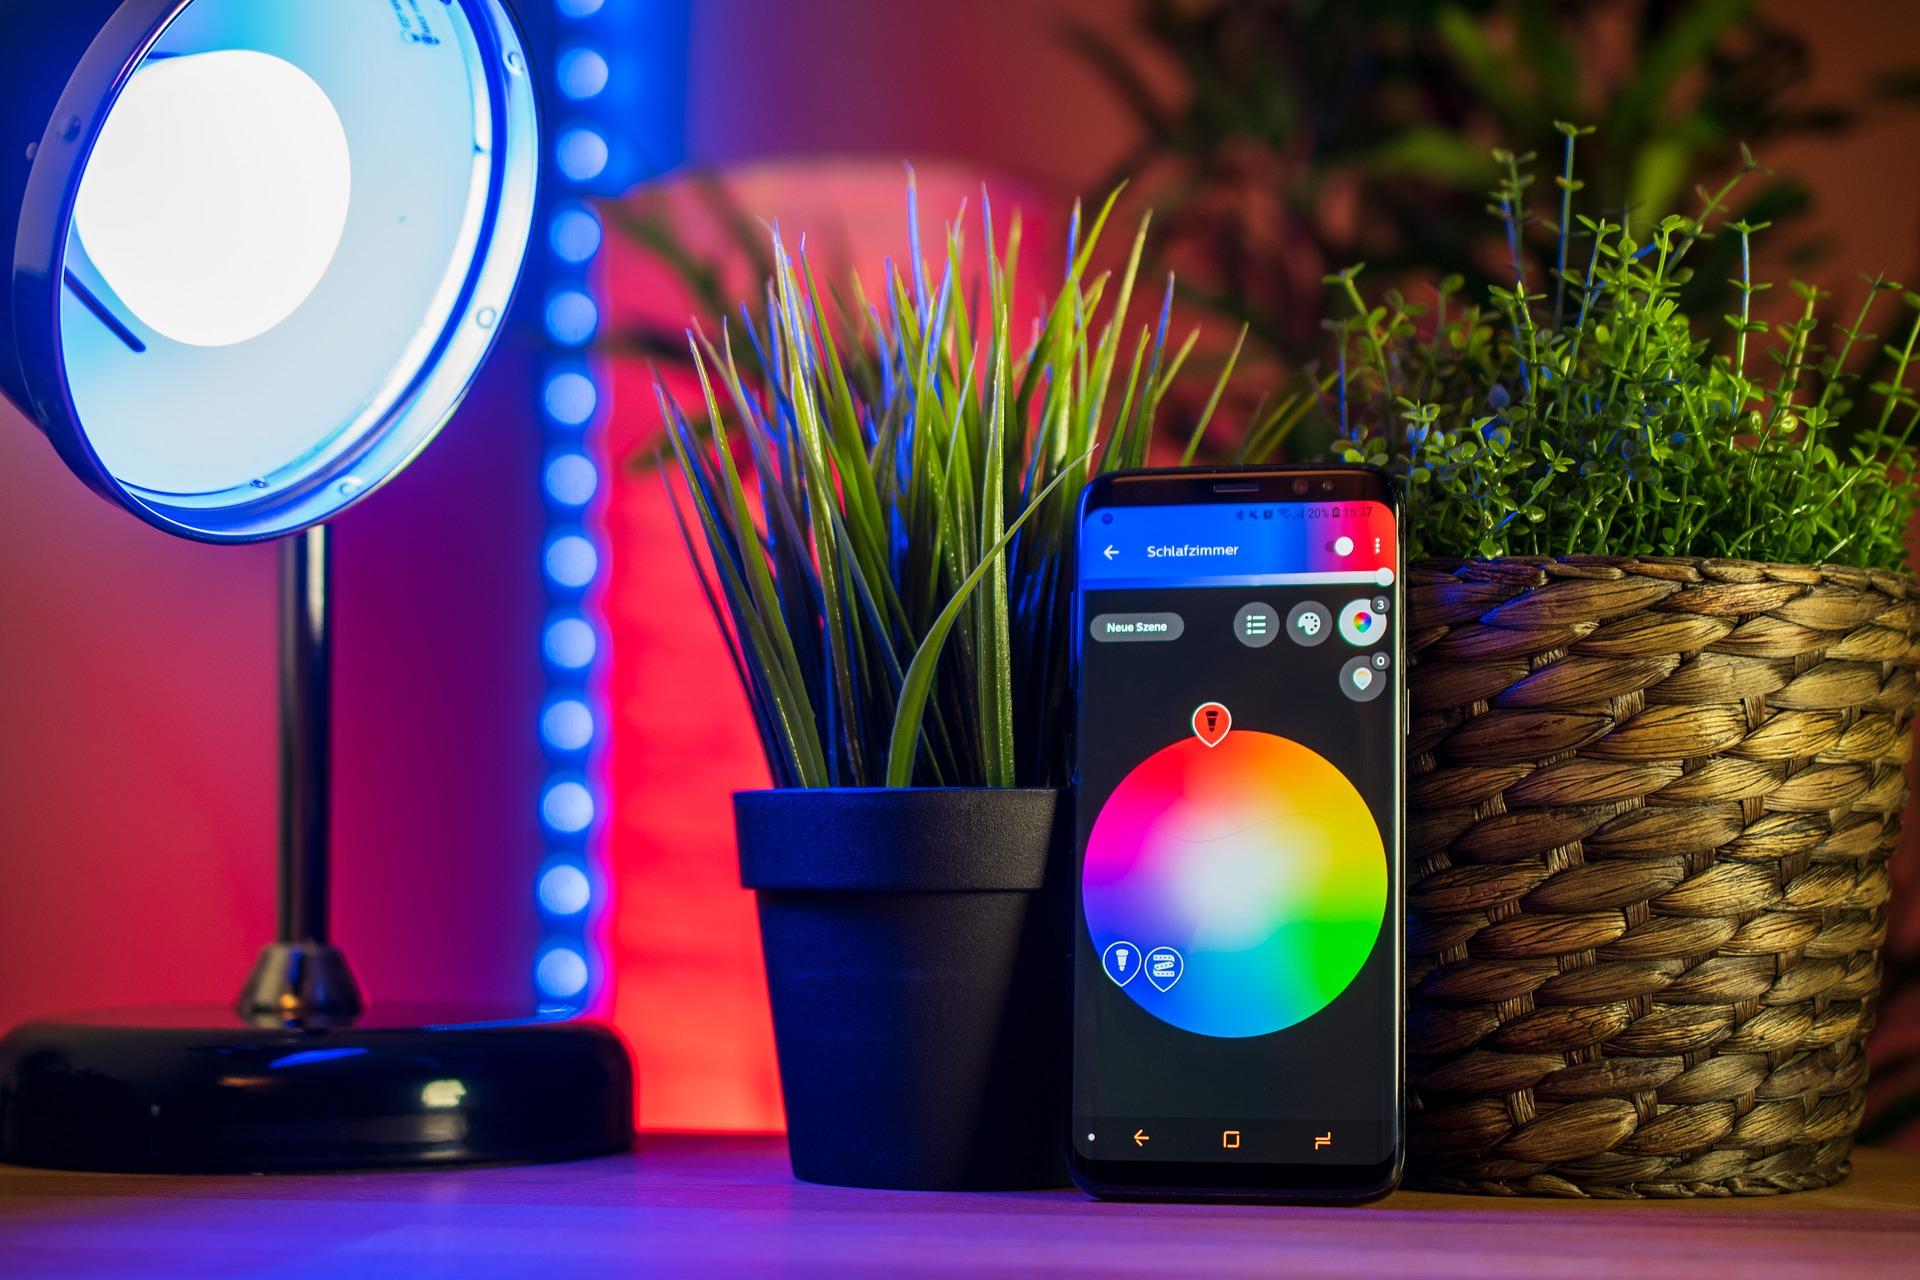 Lámparas inteligentes monitoreado con el celular